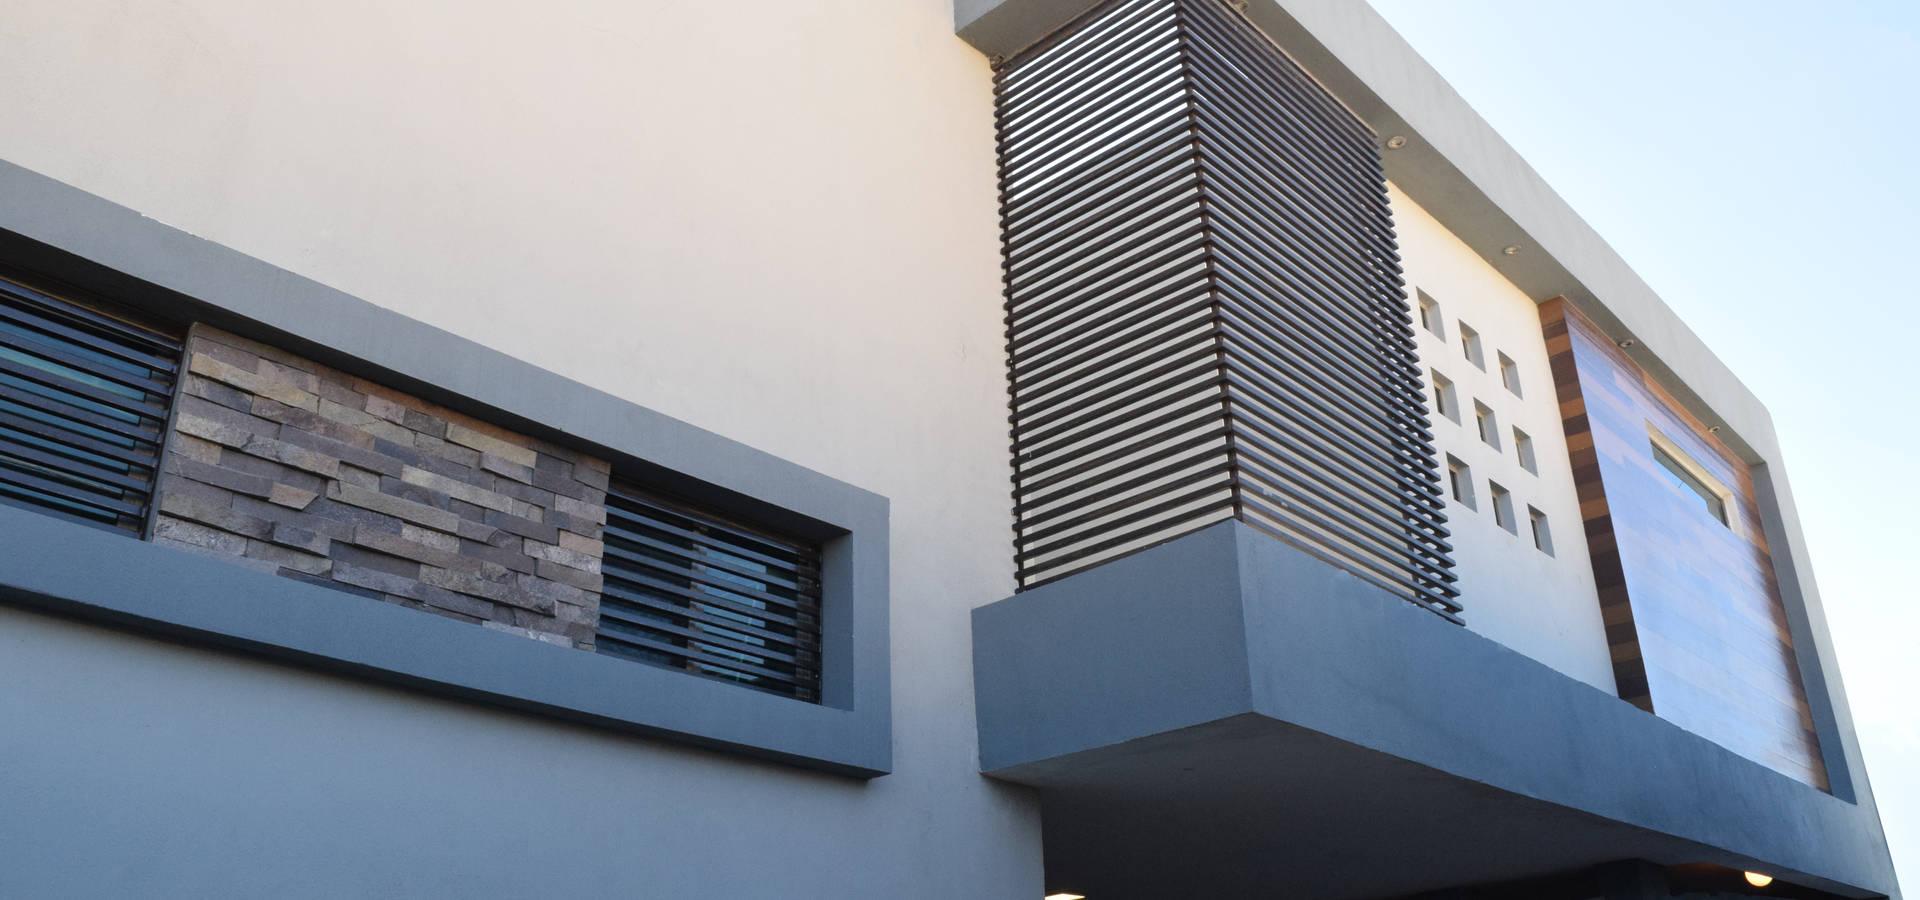 GBQ Arquitectos